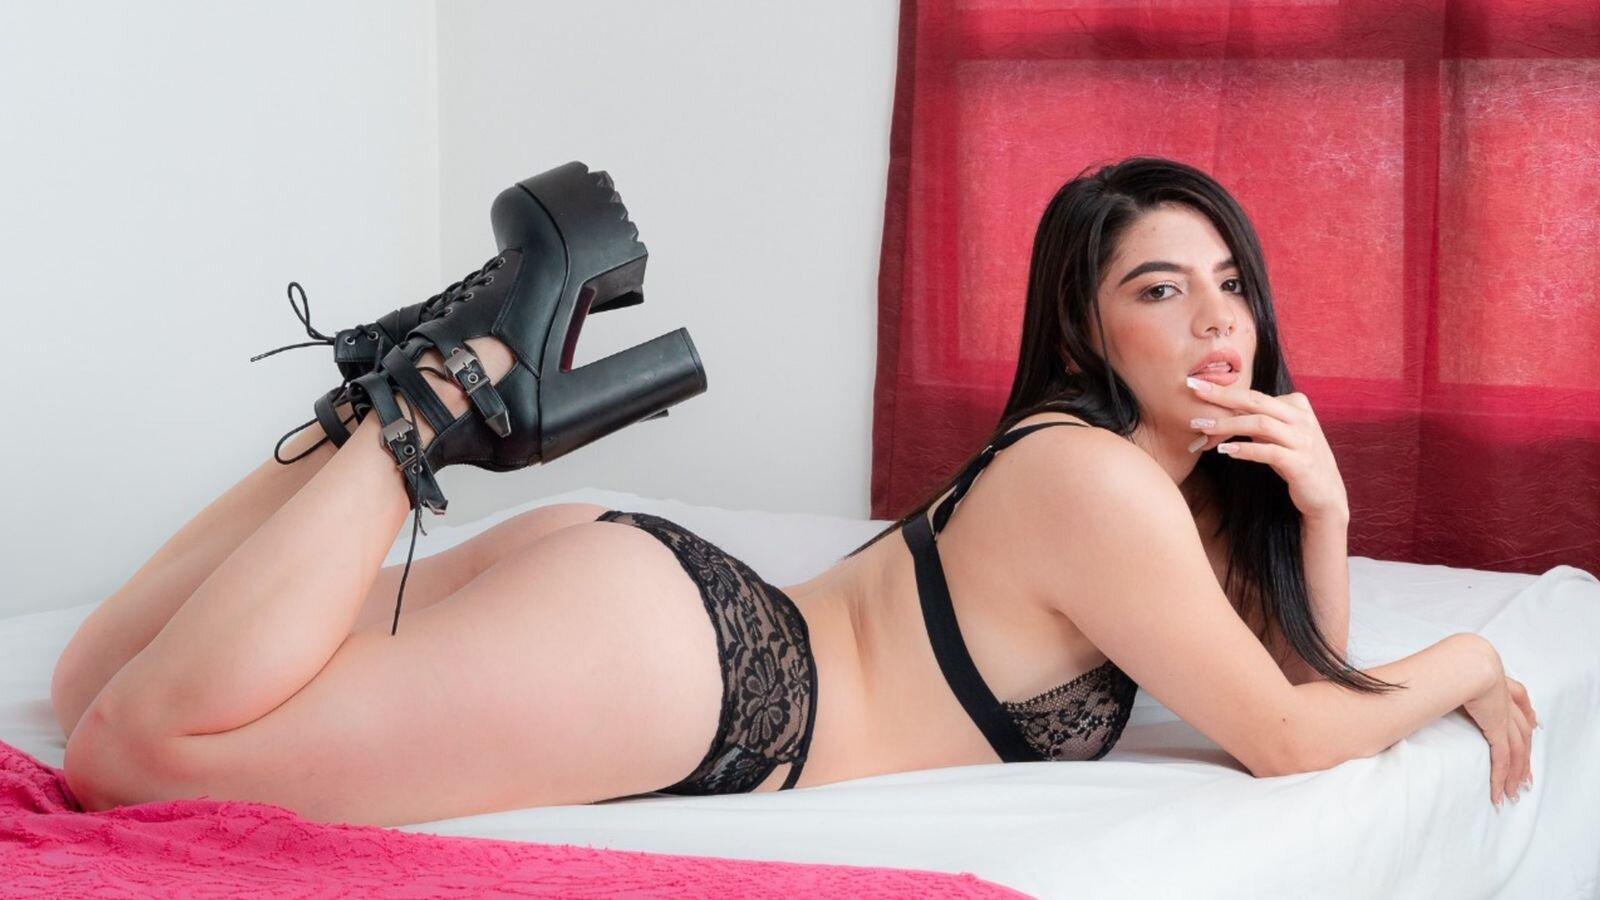 SarahRusso